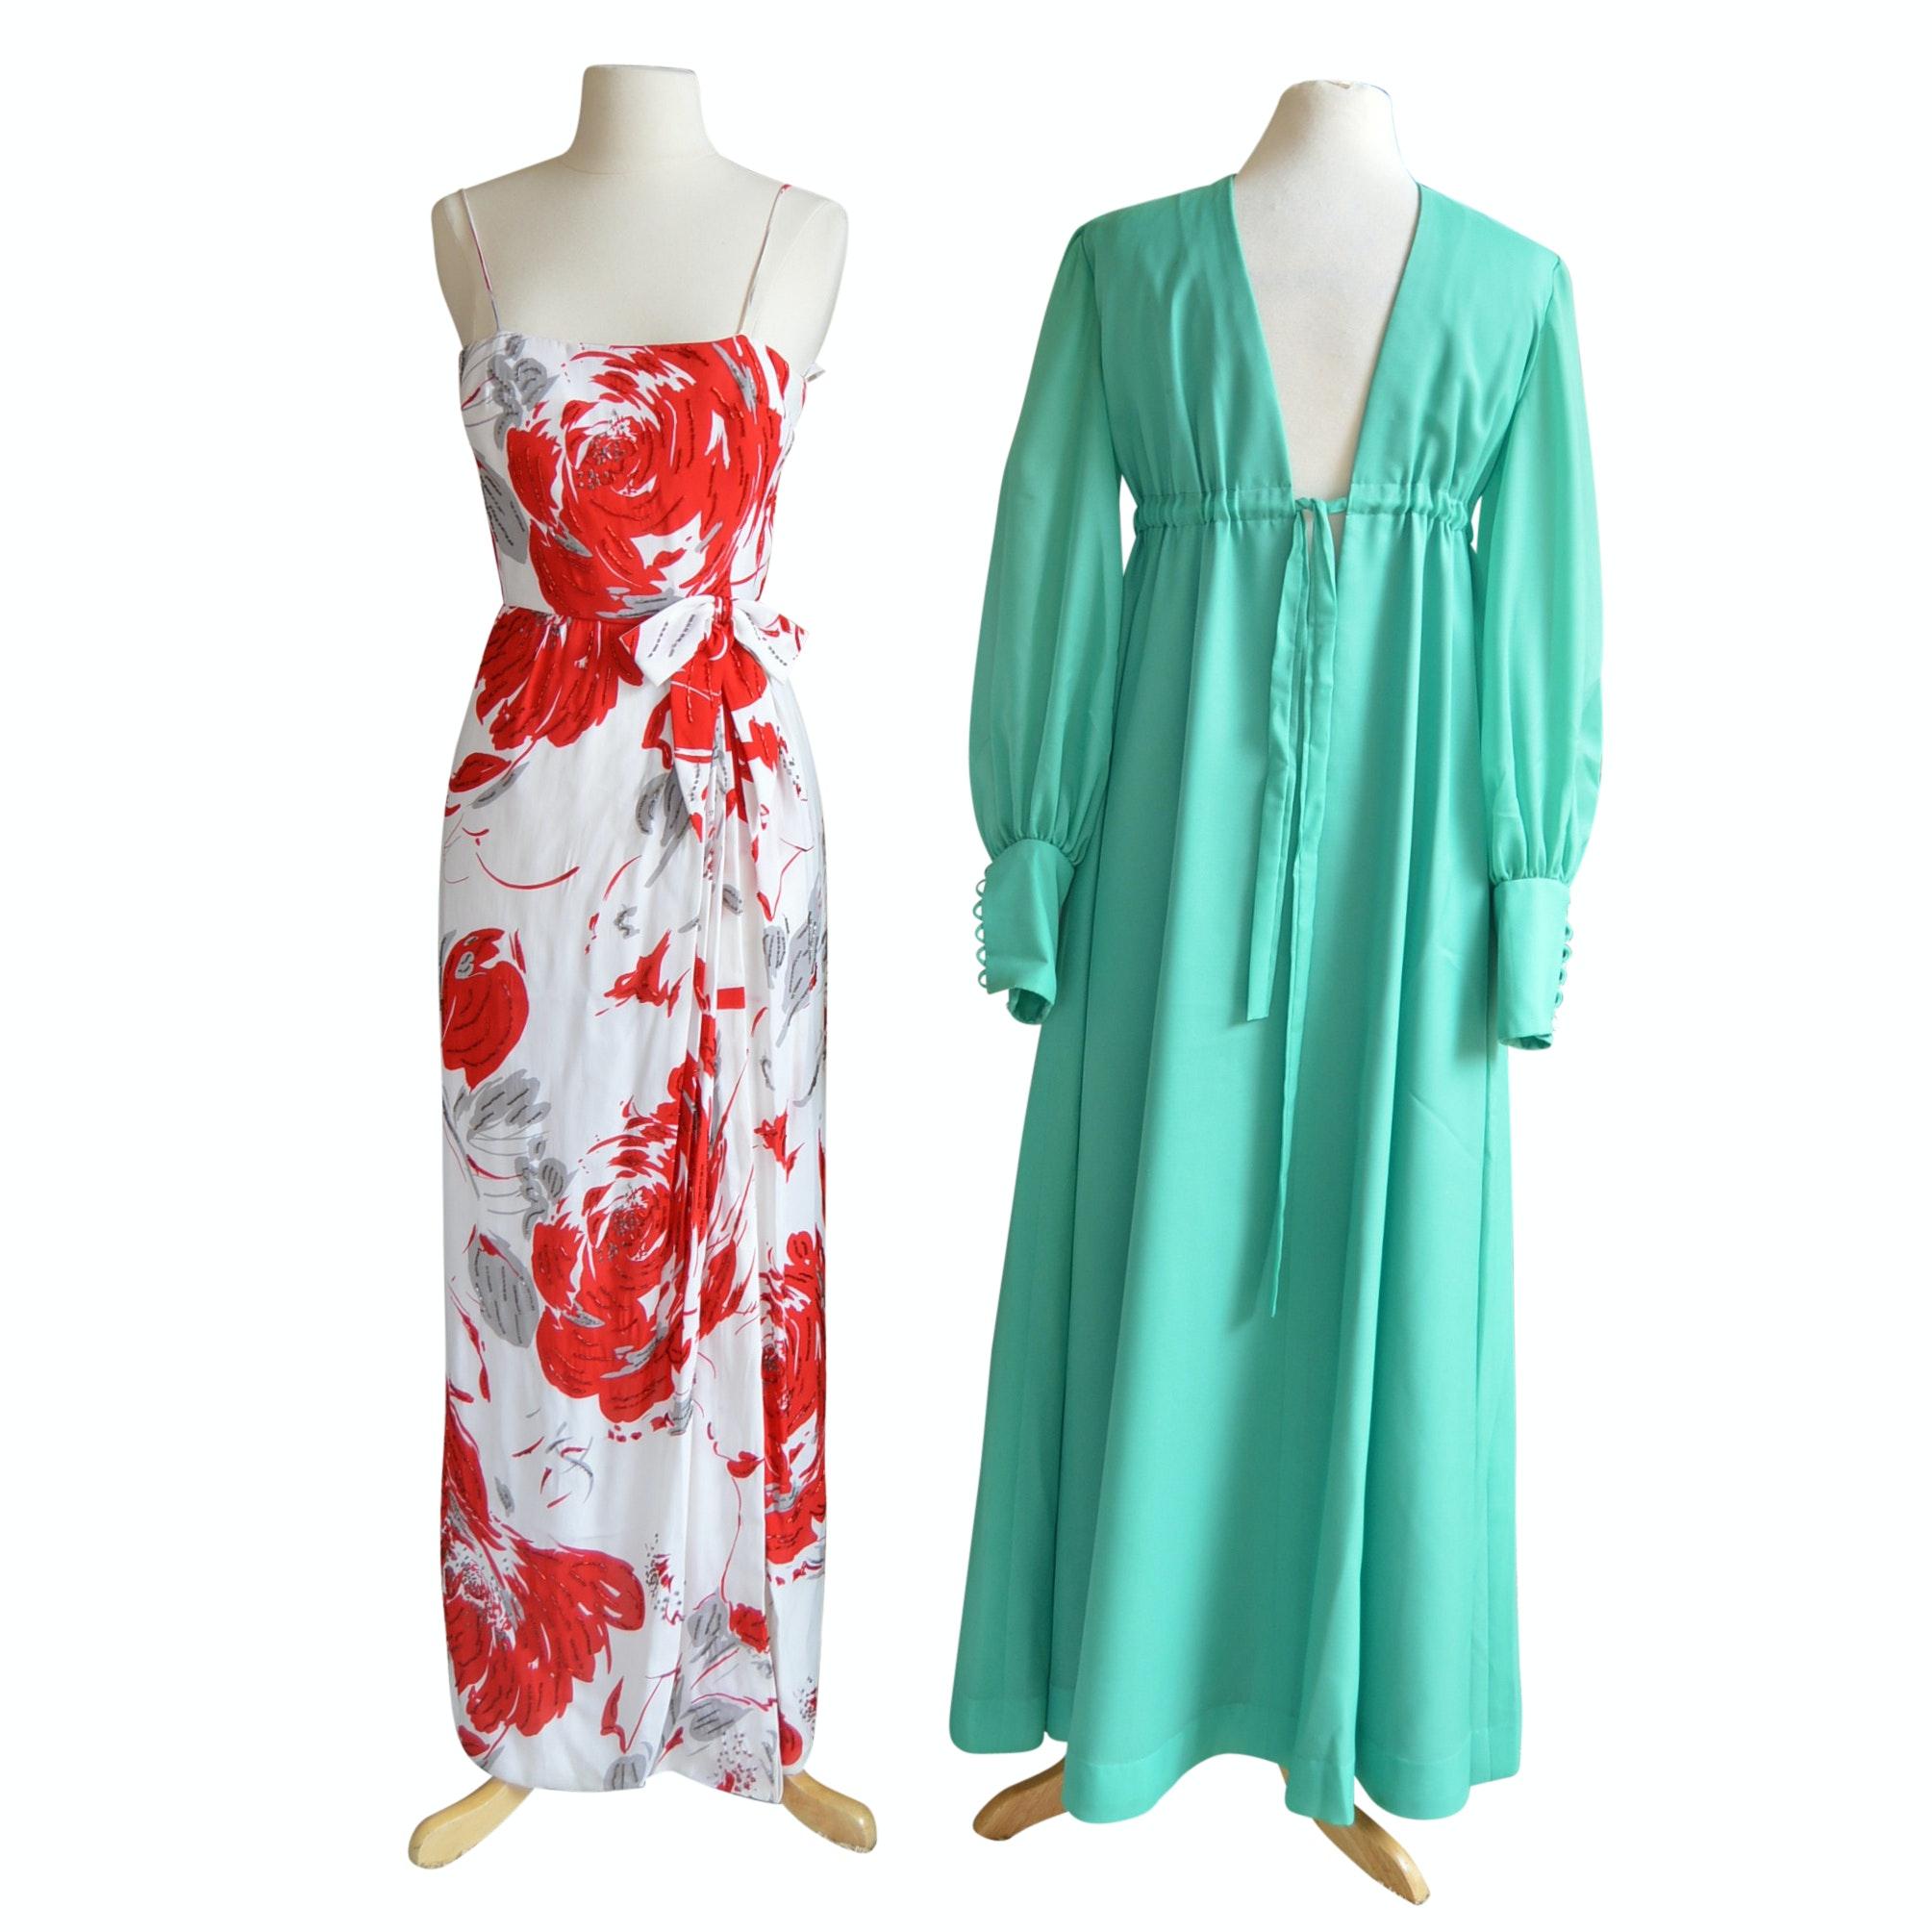 Women's Vintage Maxi Dresses